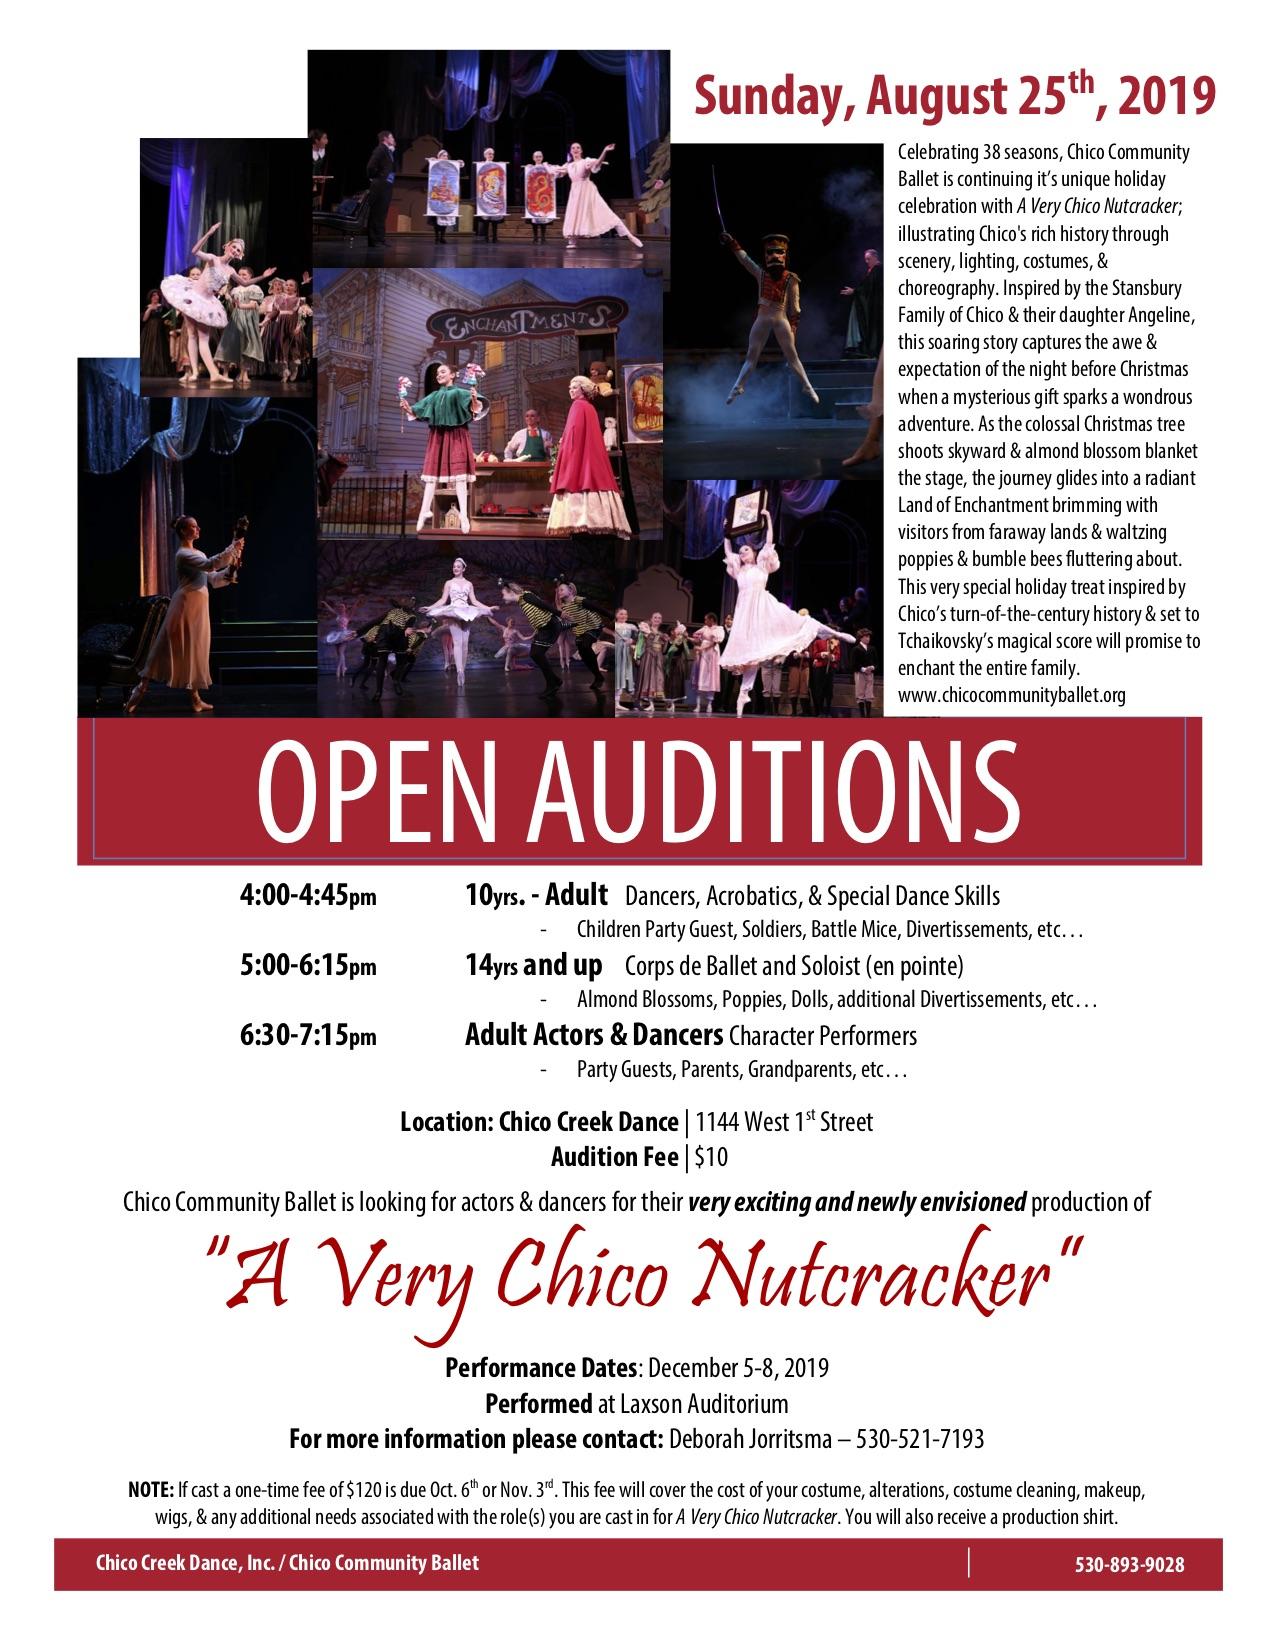 Nutcracker Open Audition Flyer U19 FINAL.jpg